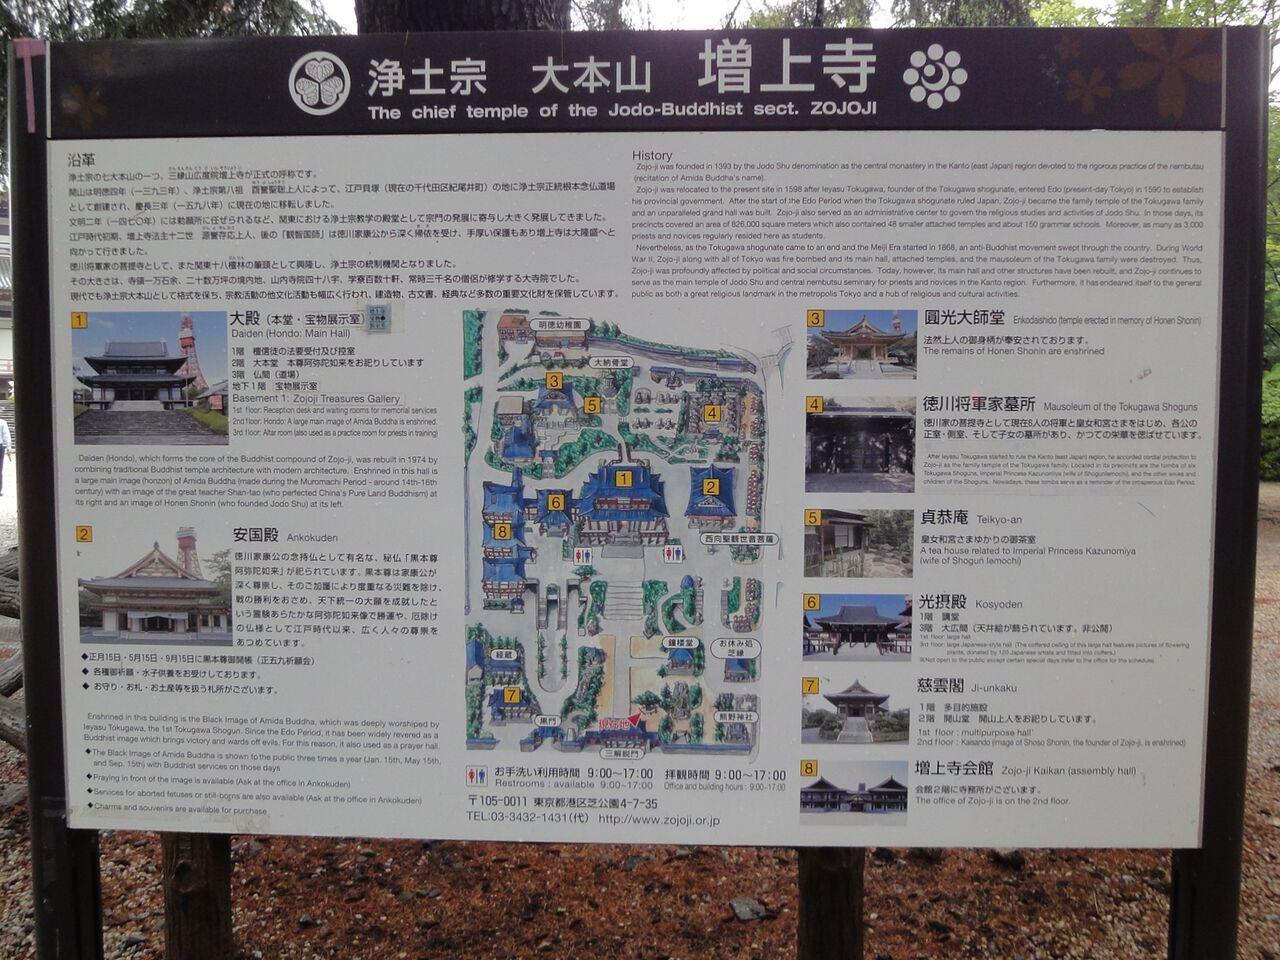 浄土宗大本山